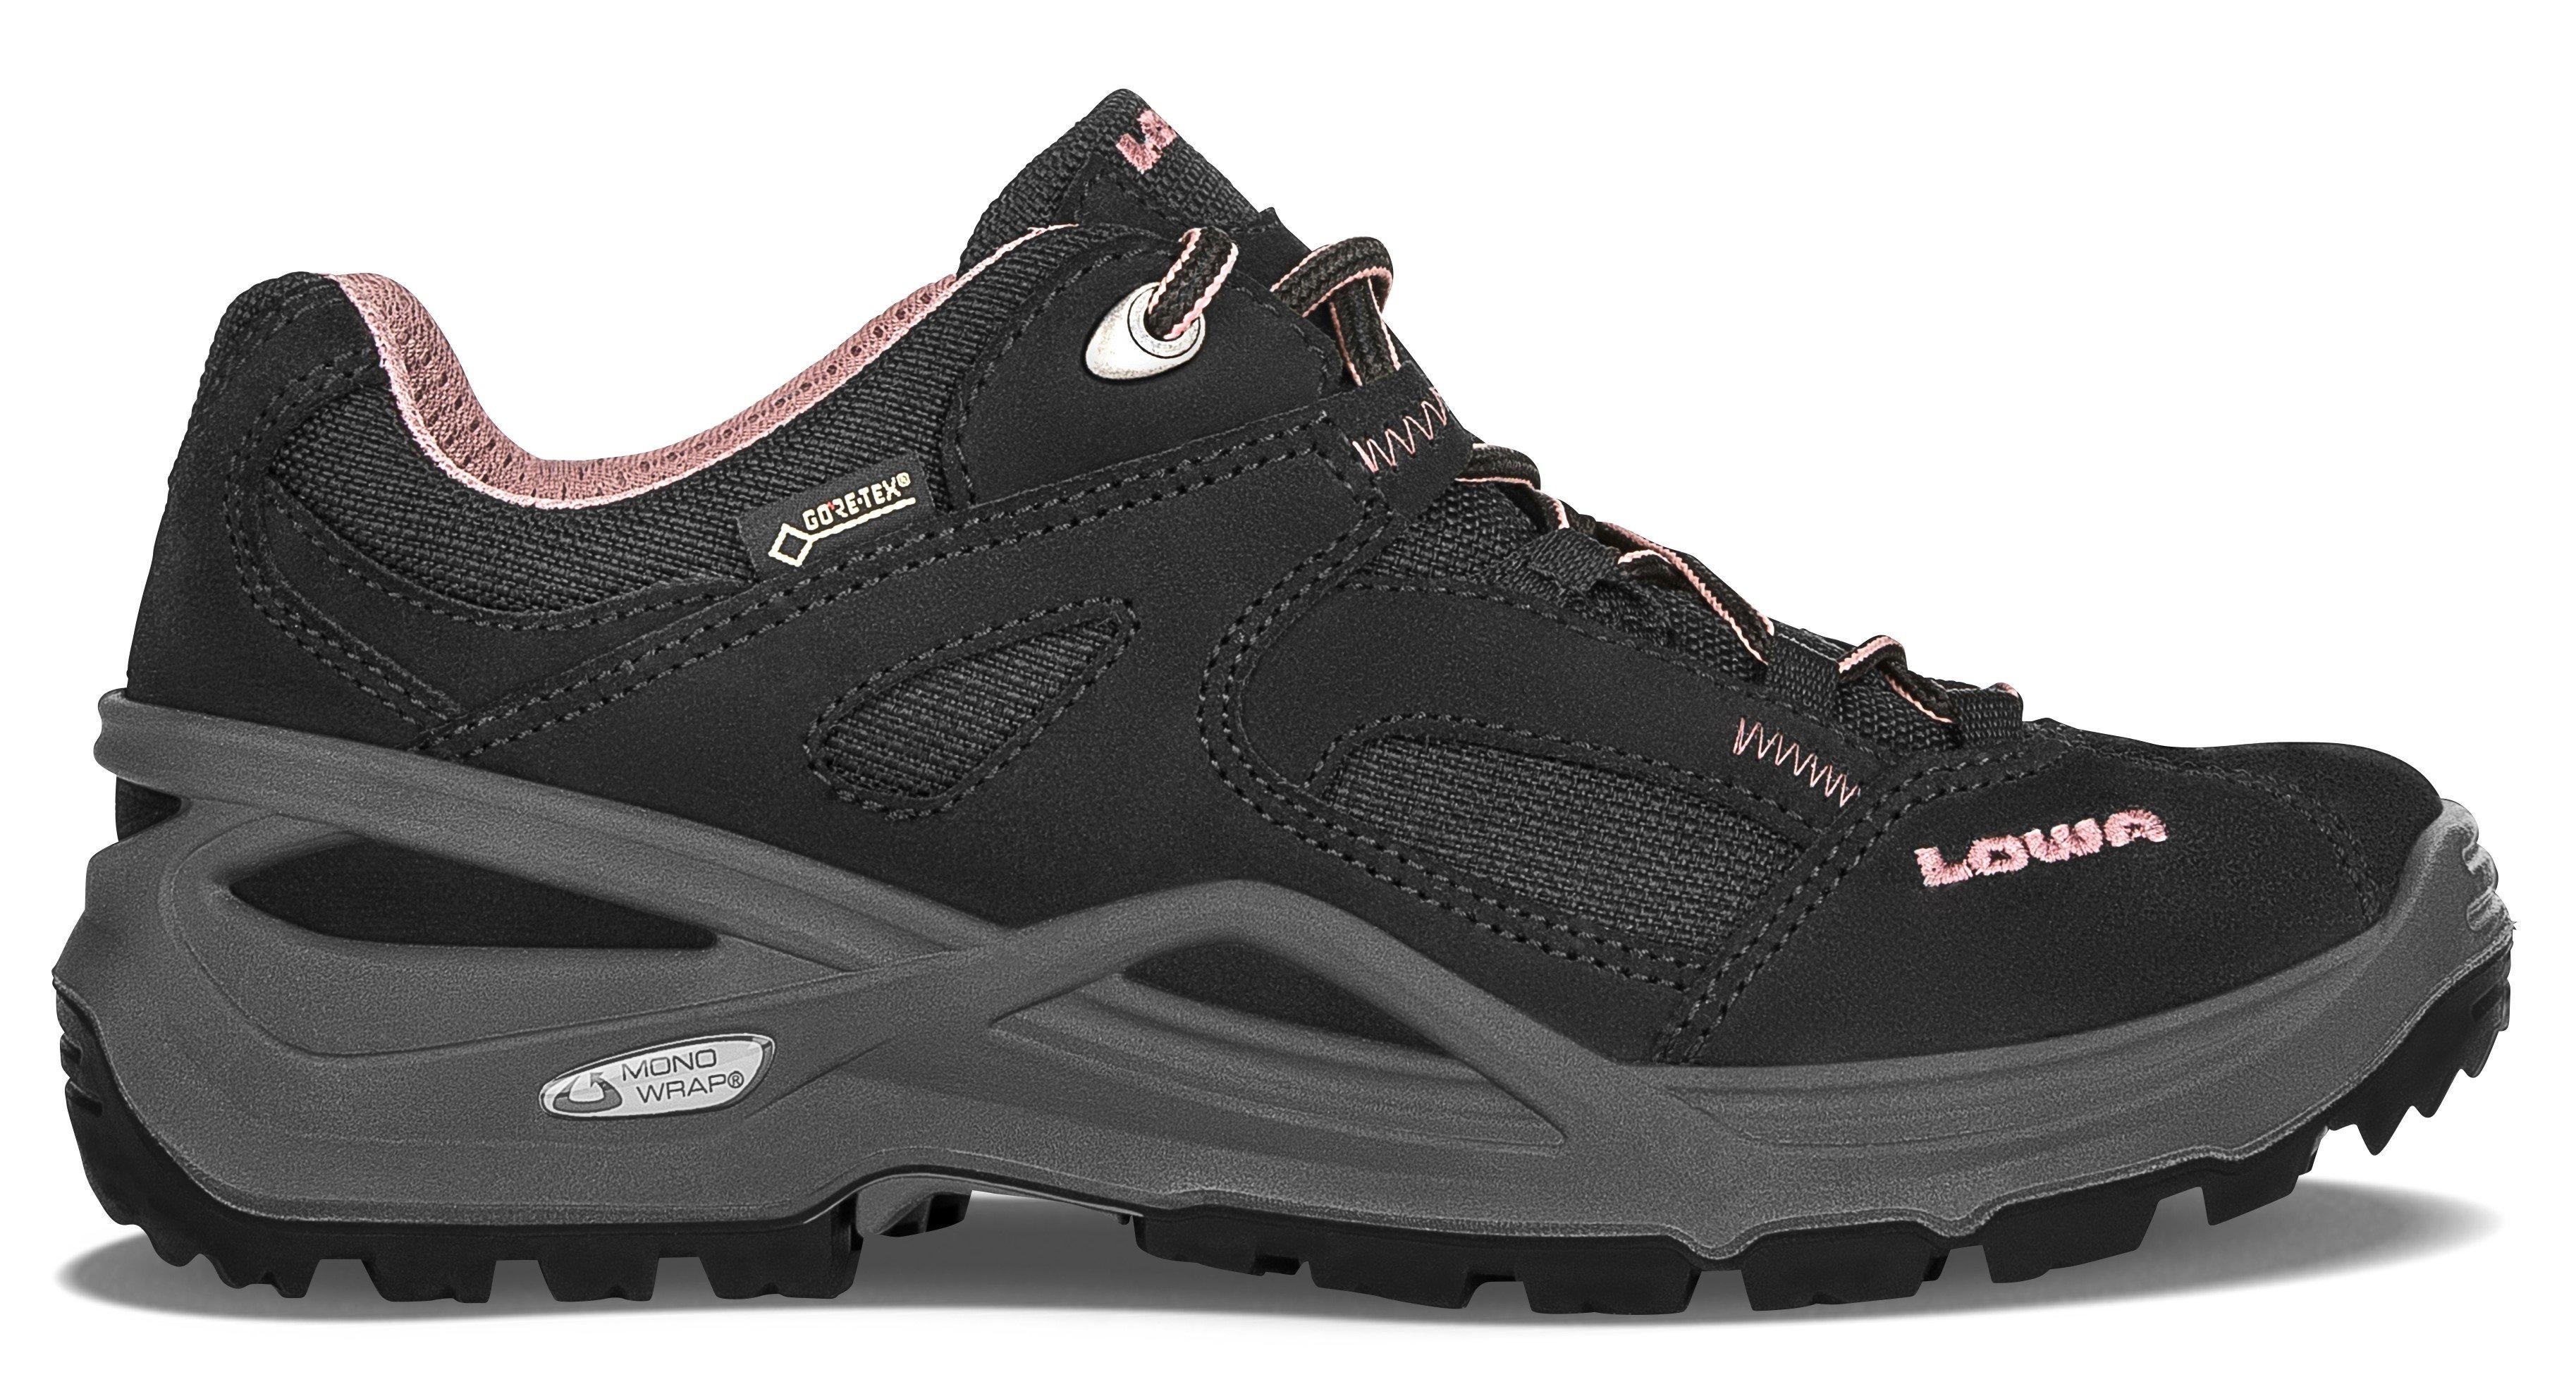 5036bfc8d23037 Lowa Outdoor-Schuhe günstig online kaufen